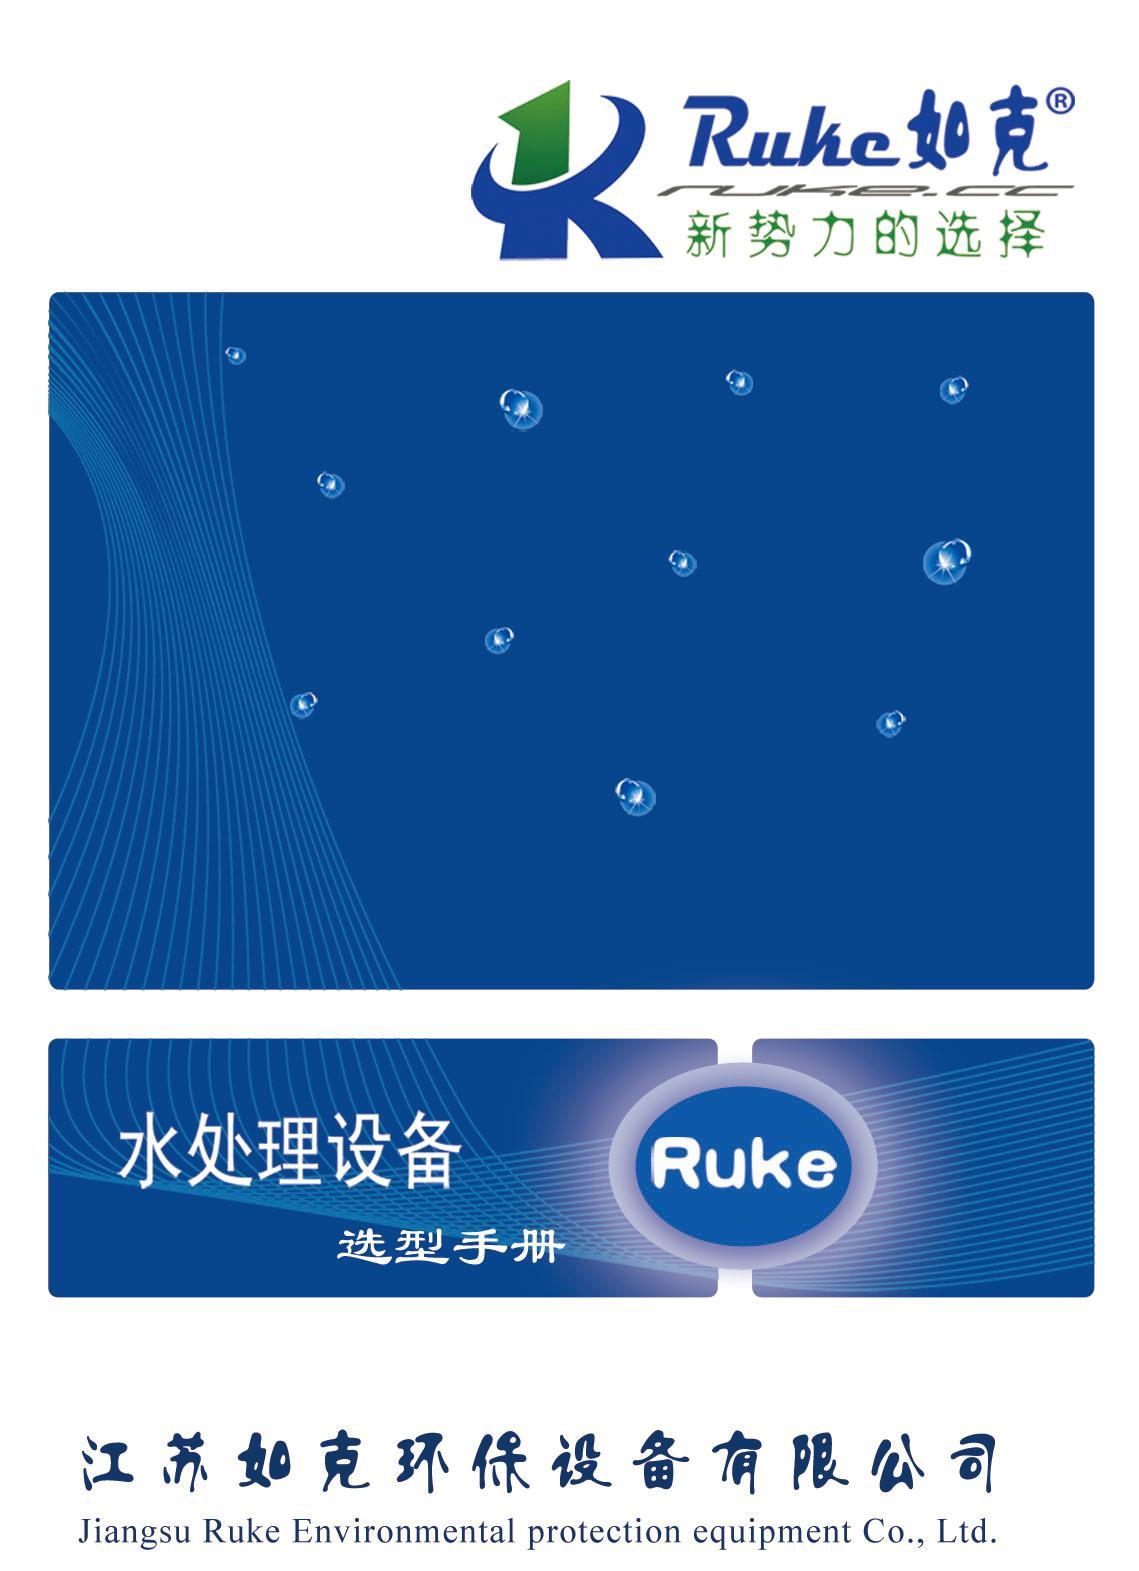 江苏如克环保设备有限公司样本